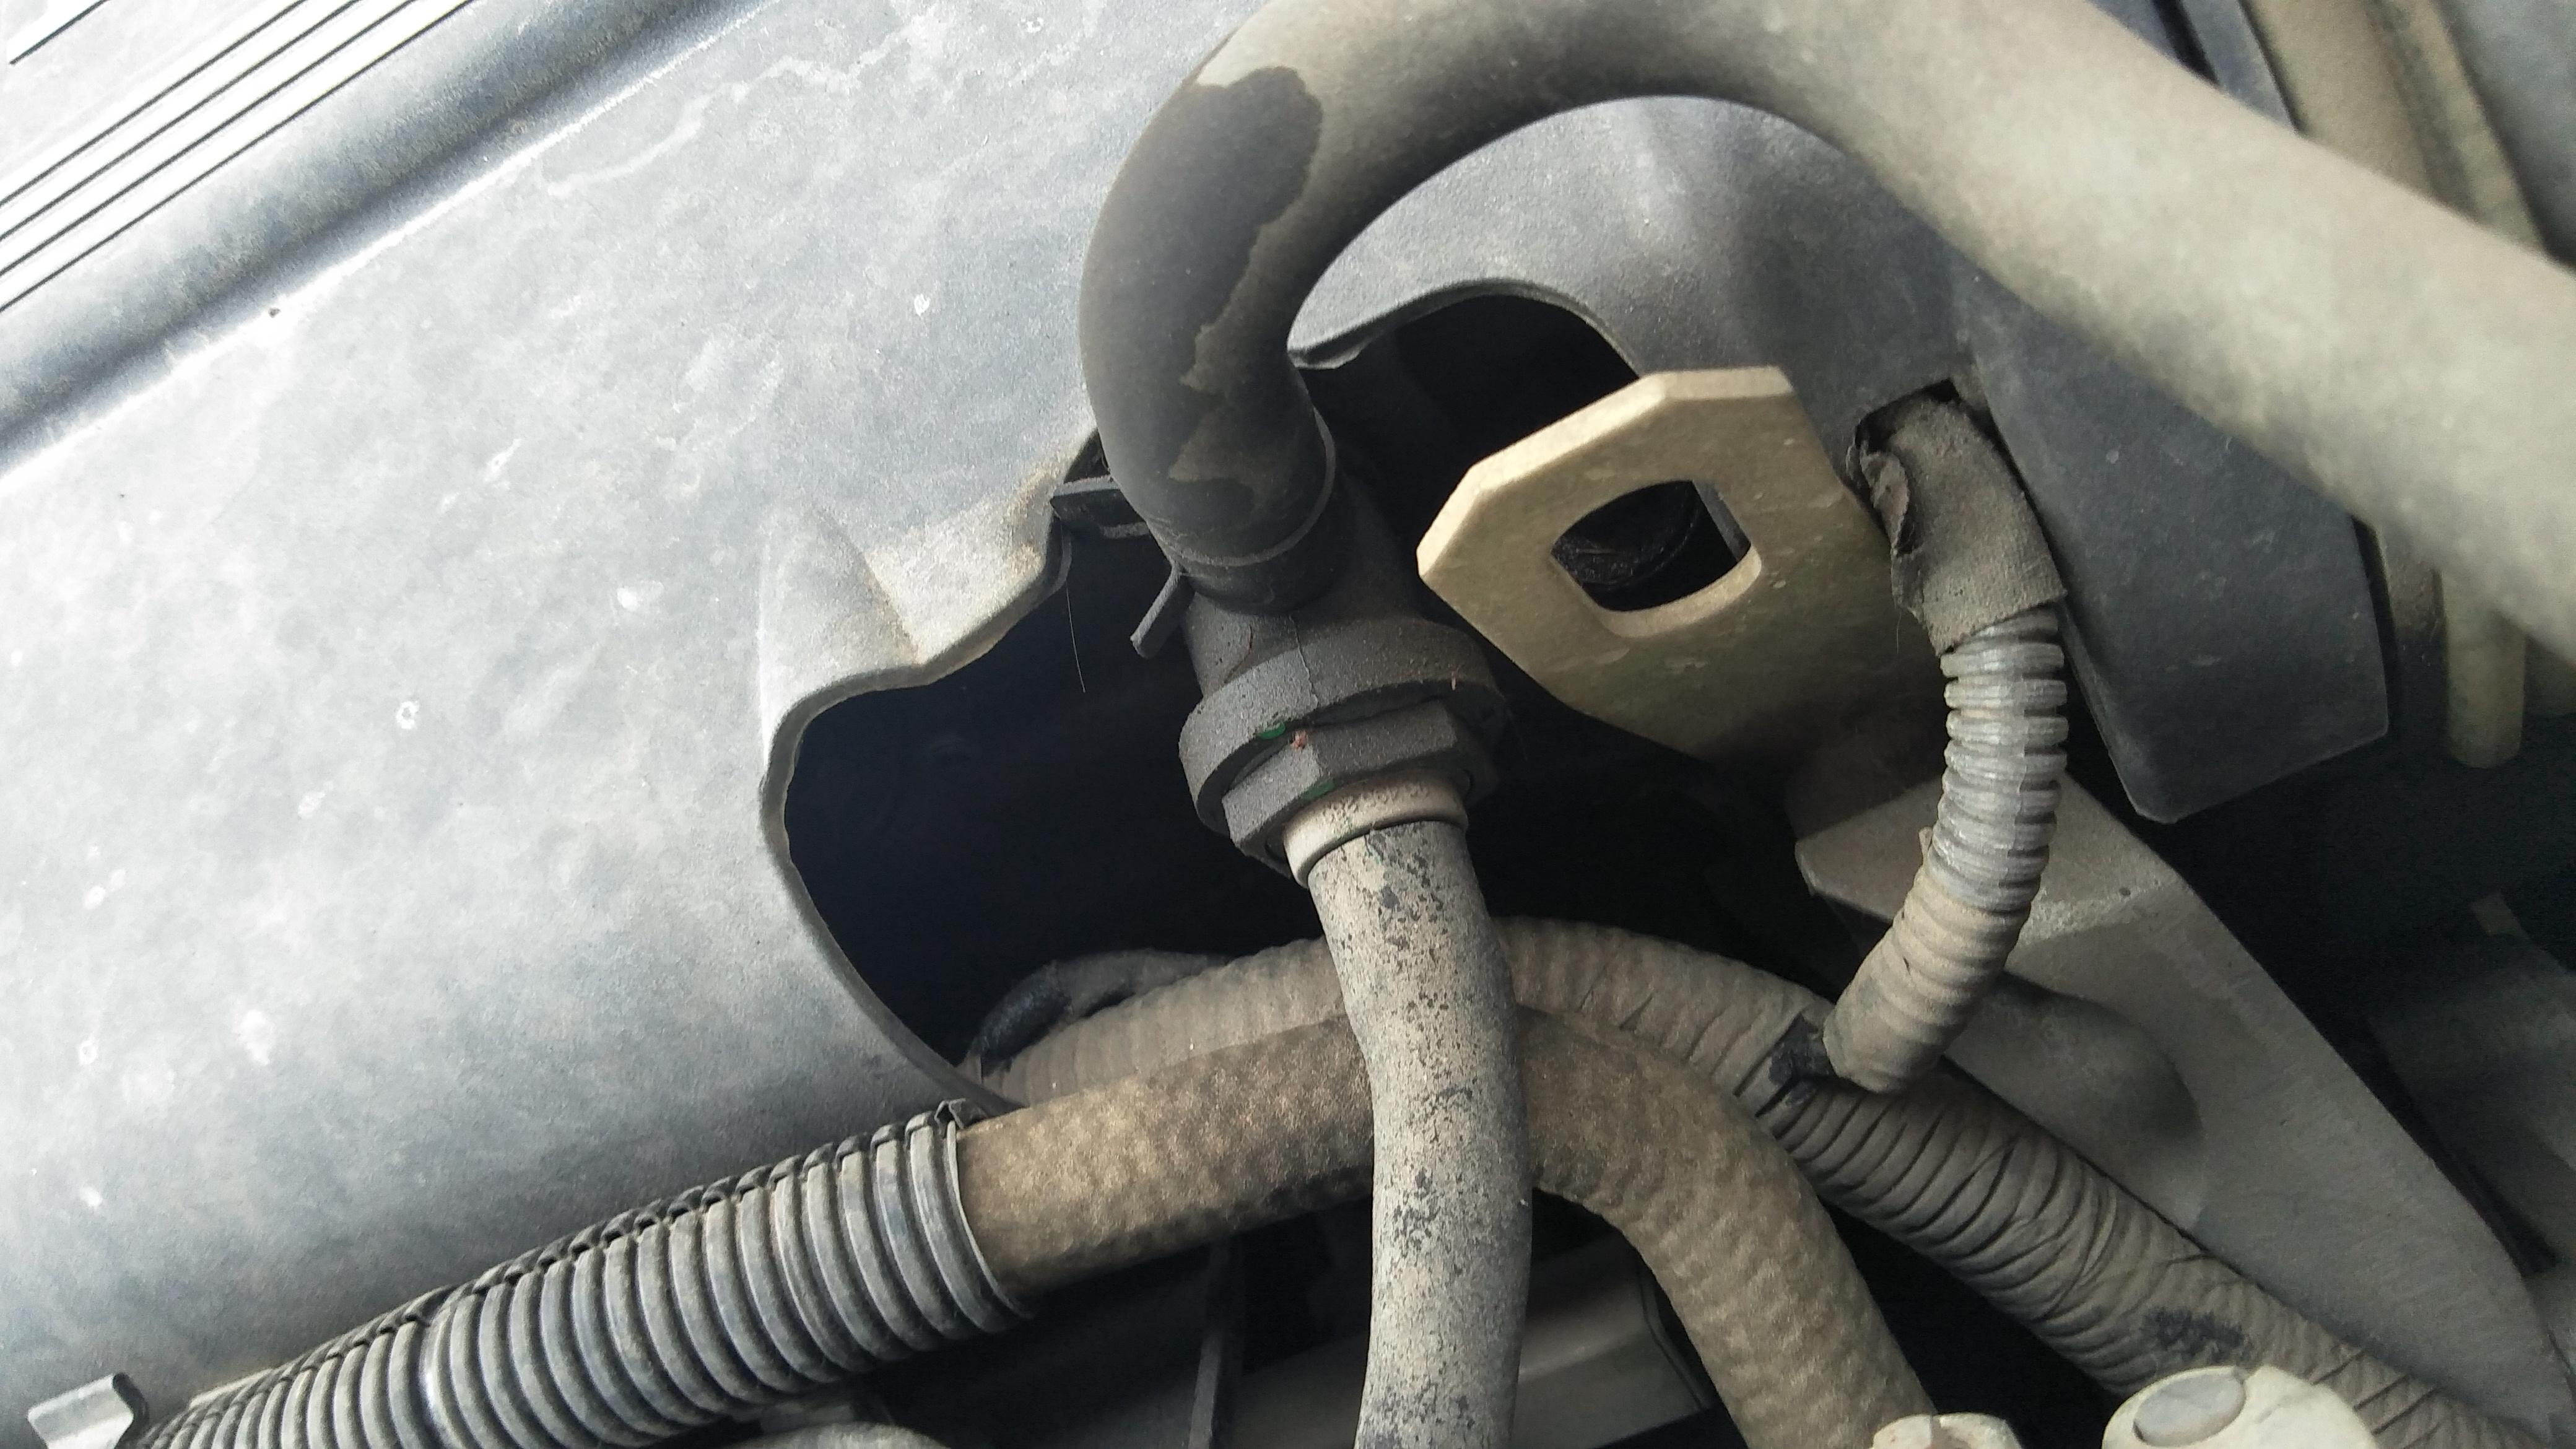 上汽通用-凯越 发动机外壳结合处有渗油现象